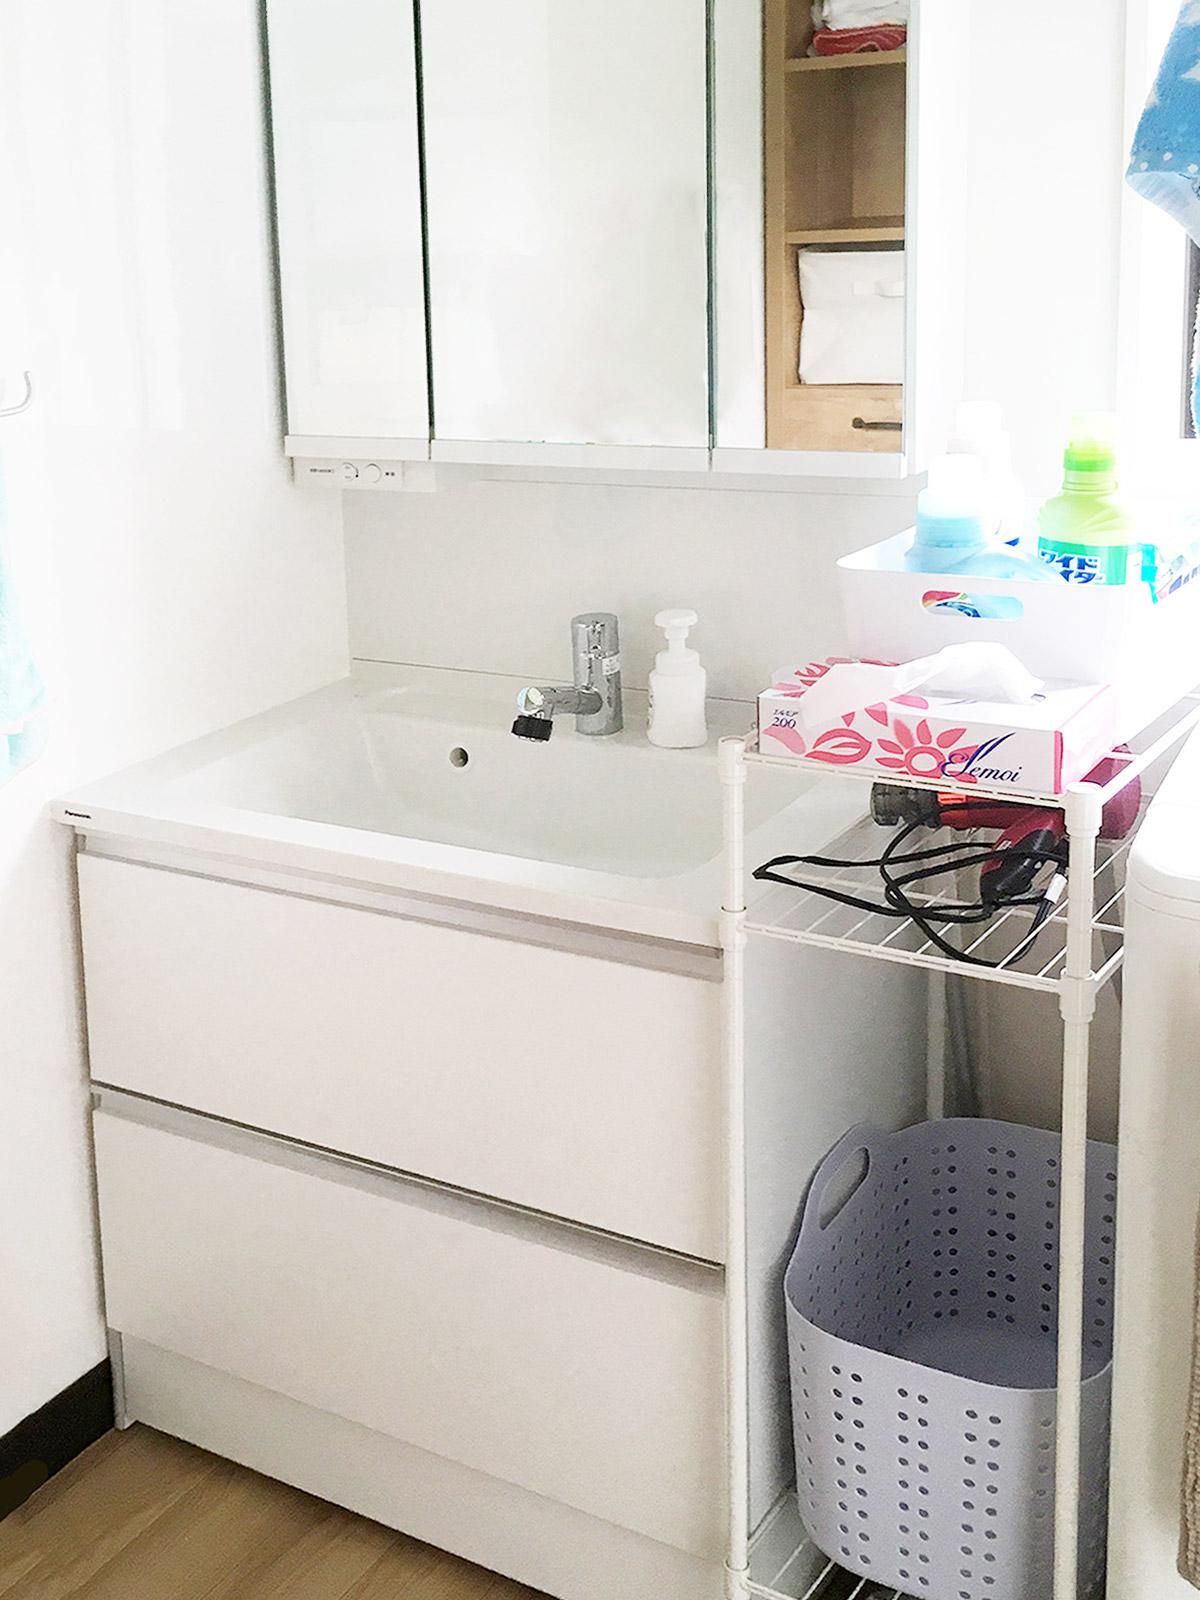 伊達市Y邸 洗面化粧台リフォーム 42万円/工期1日間 施工後